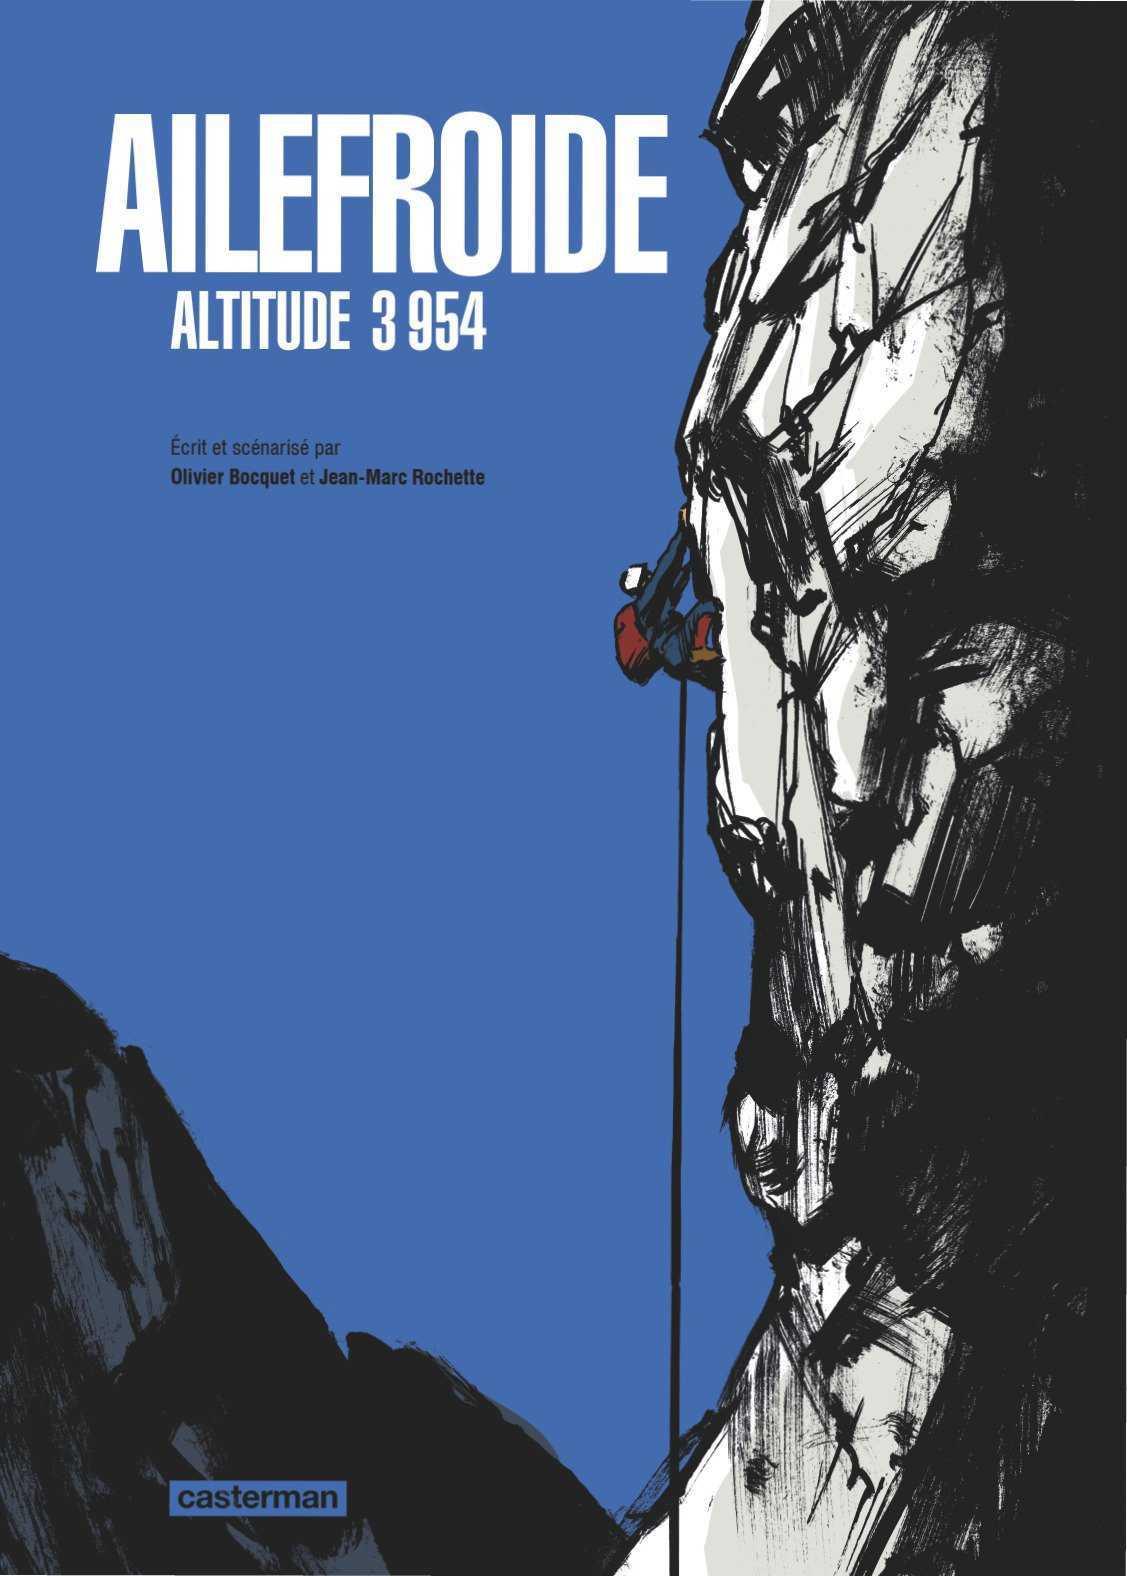 Ailefroide Altitude 3954, la vérité de Rochette